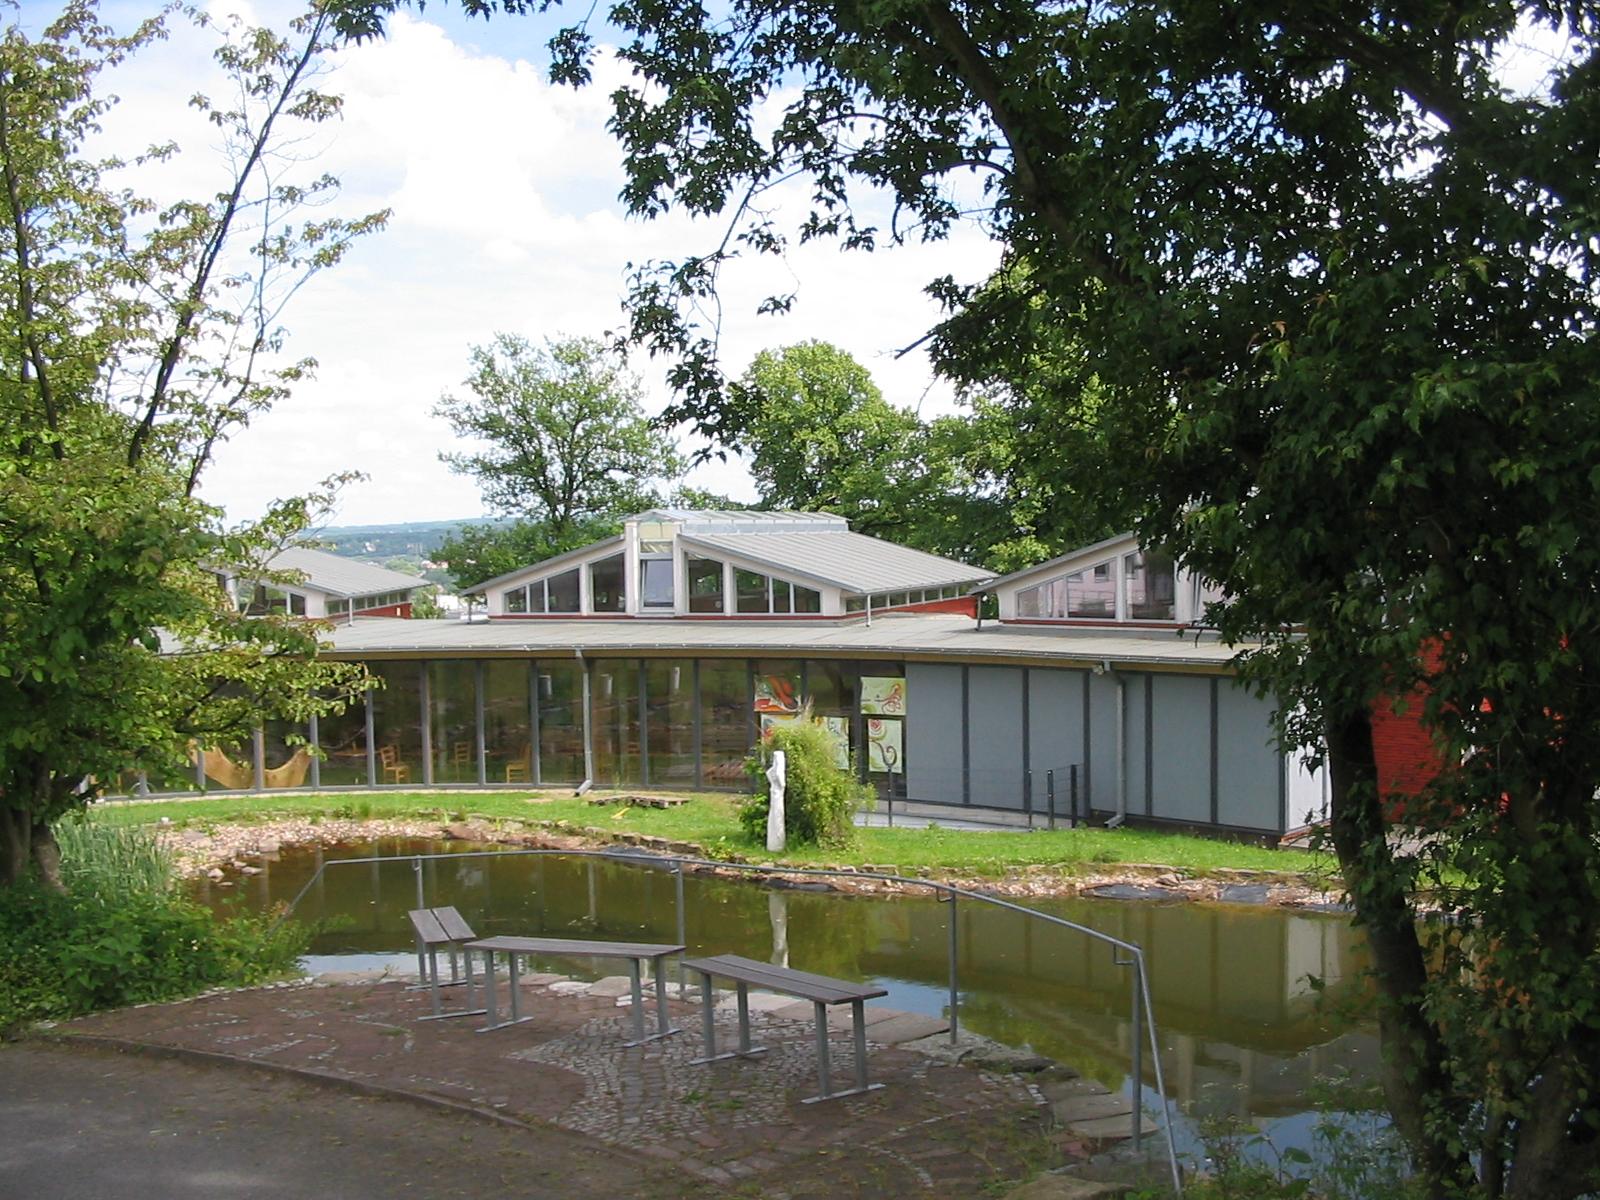 Teichbau  File:Witten Institut für Waldorfpädagogik Teichbau.jpg - Wikimedia ...